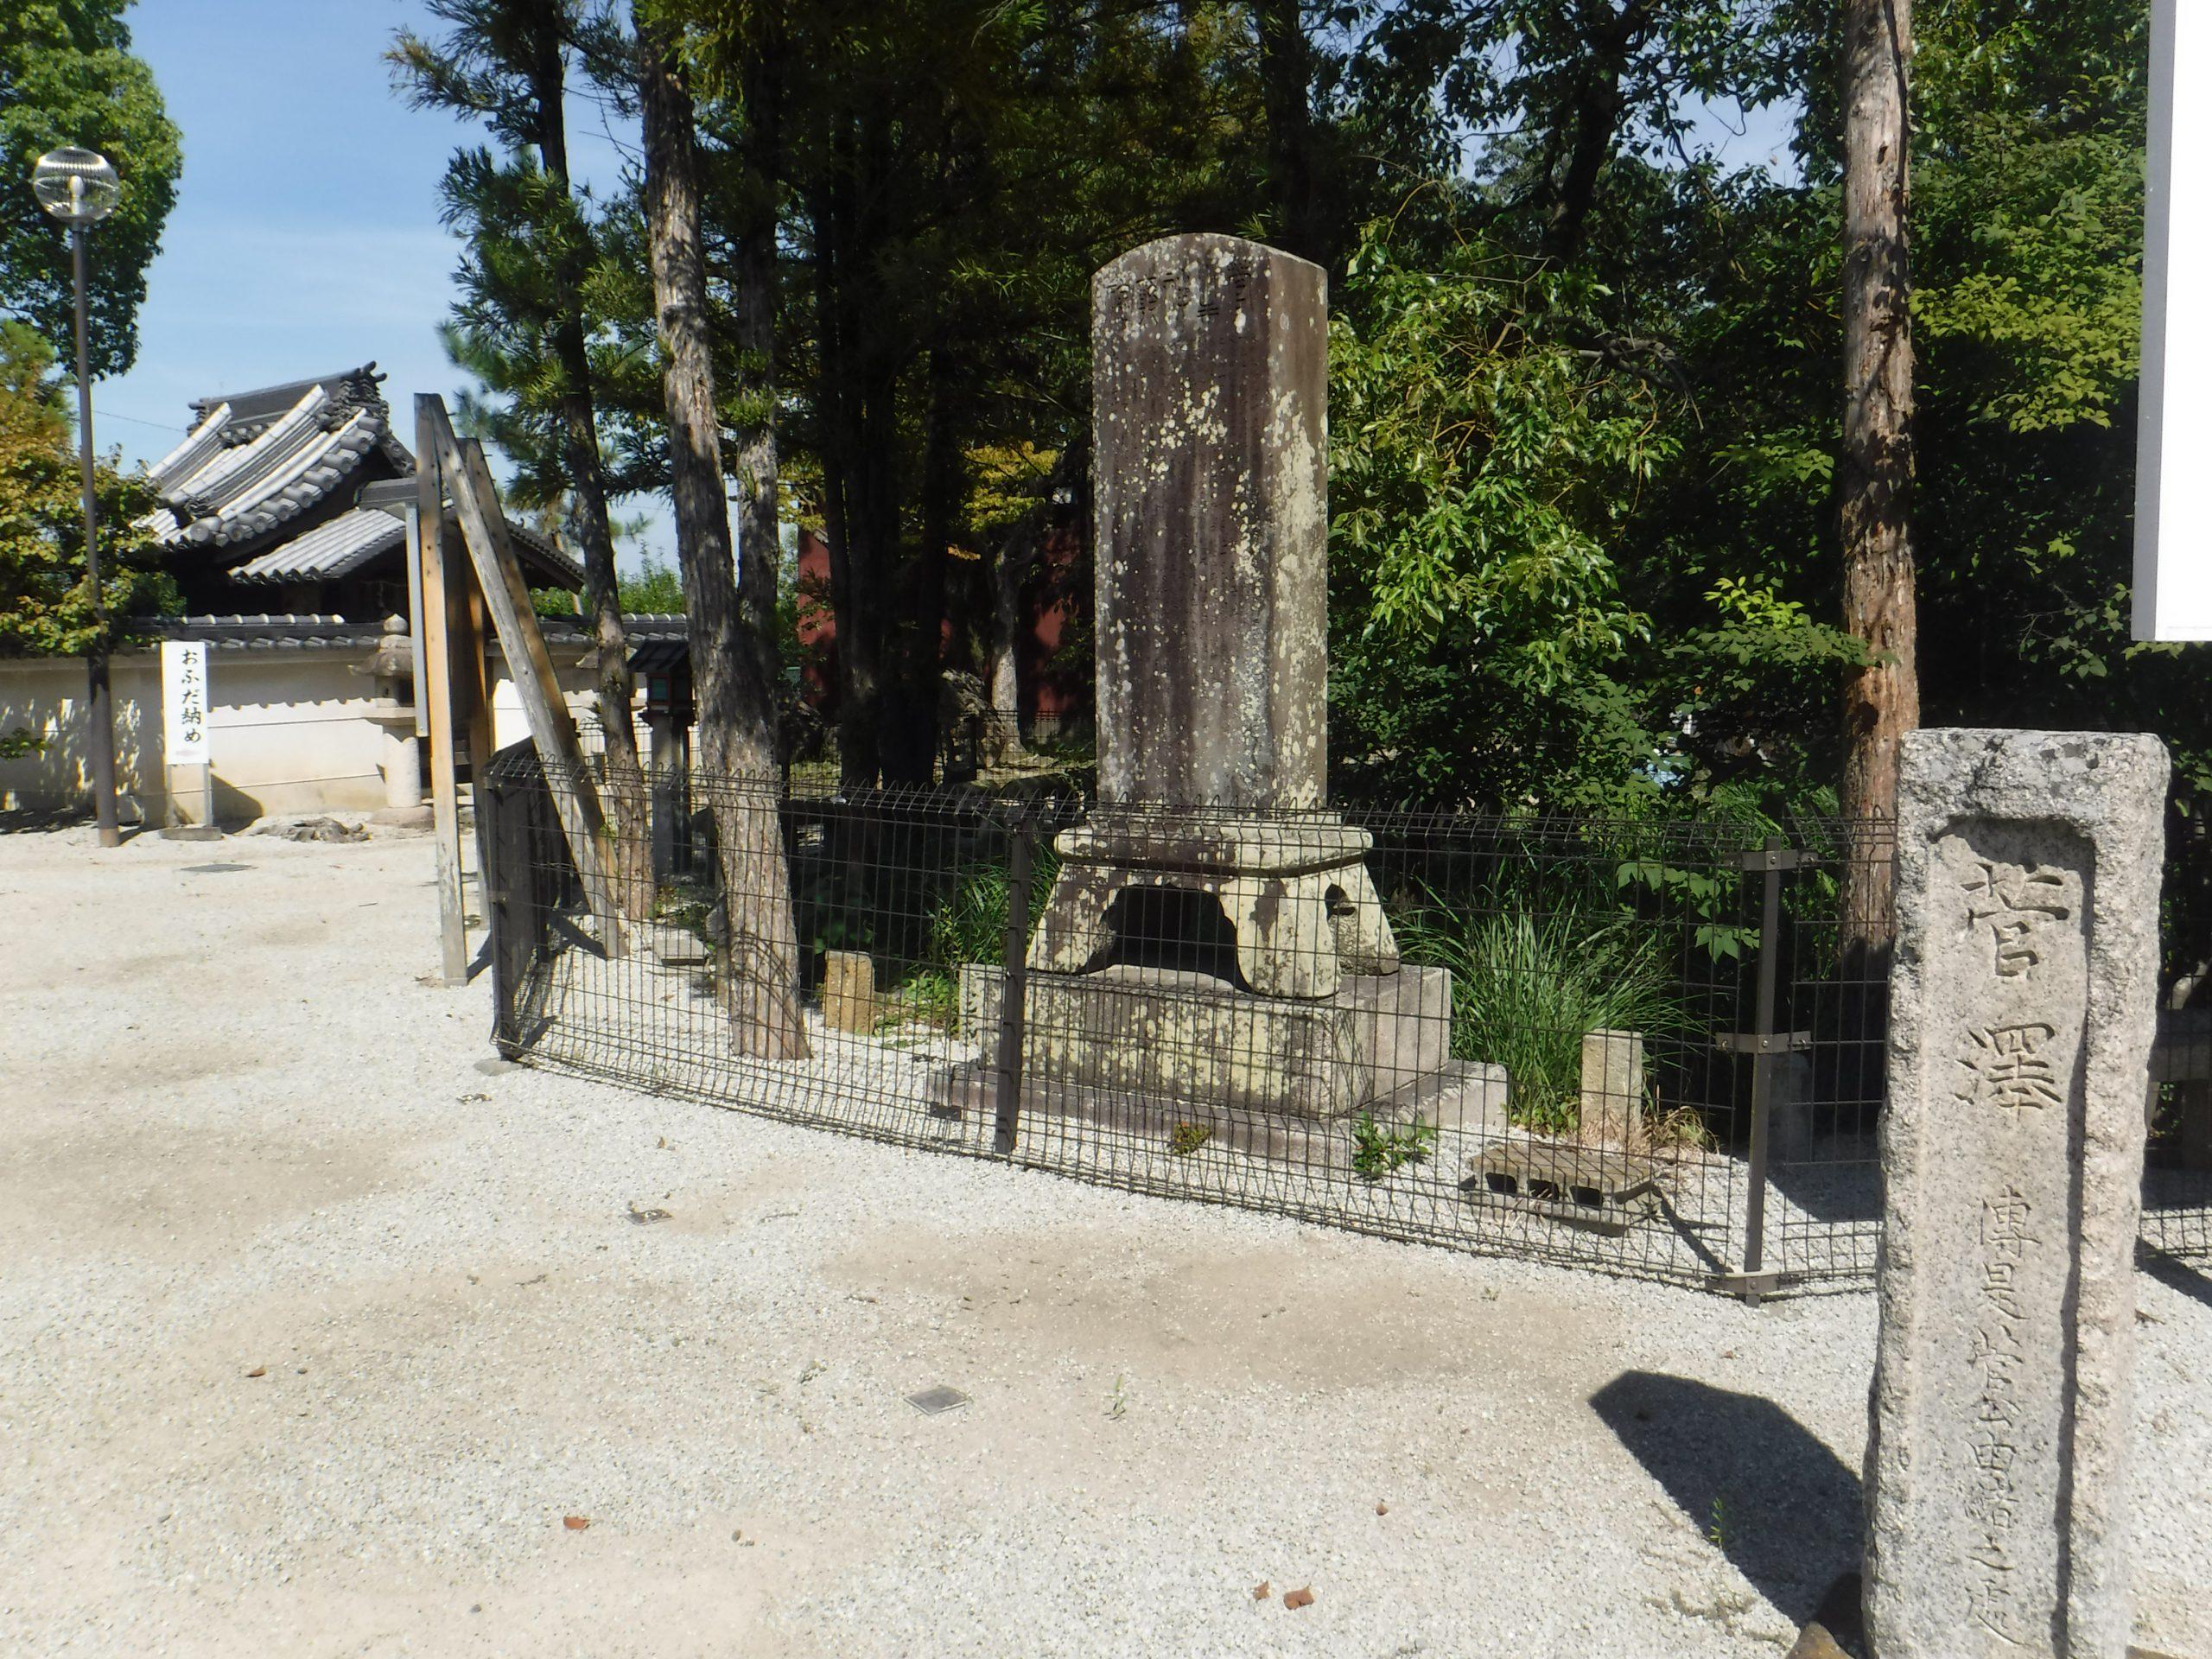 <p>菅澤(伝承菅原道真公生誕)</p>当社所蔵の「北野天神縁起絵巻」に、道真公が境内の「菅澤」のほとりから忽然と誕生されたという説に基づく描写がある。